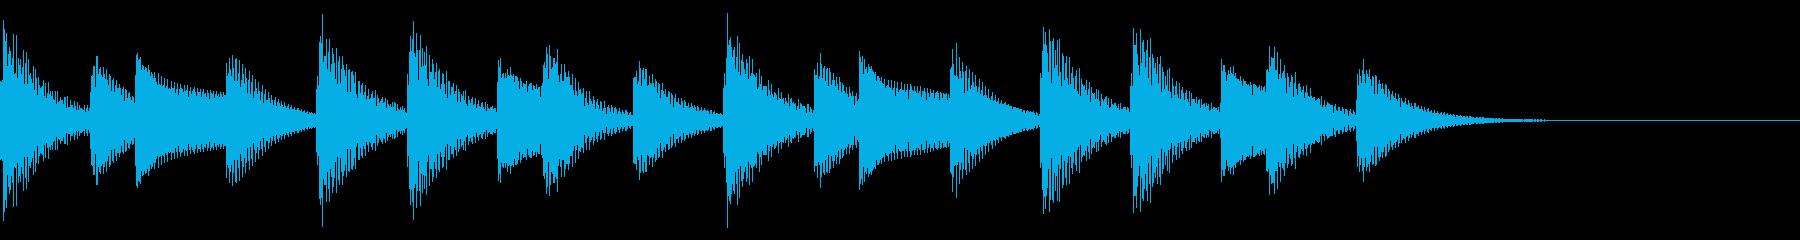 着信音、着信メロディー(ループ化)の再生済みの波形